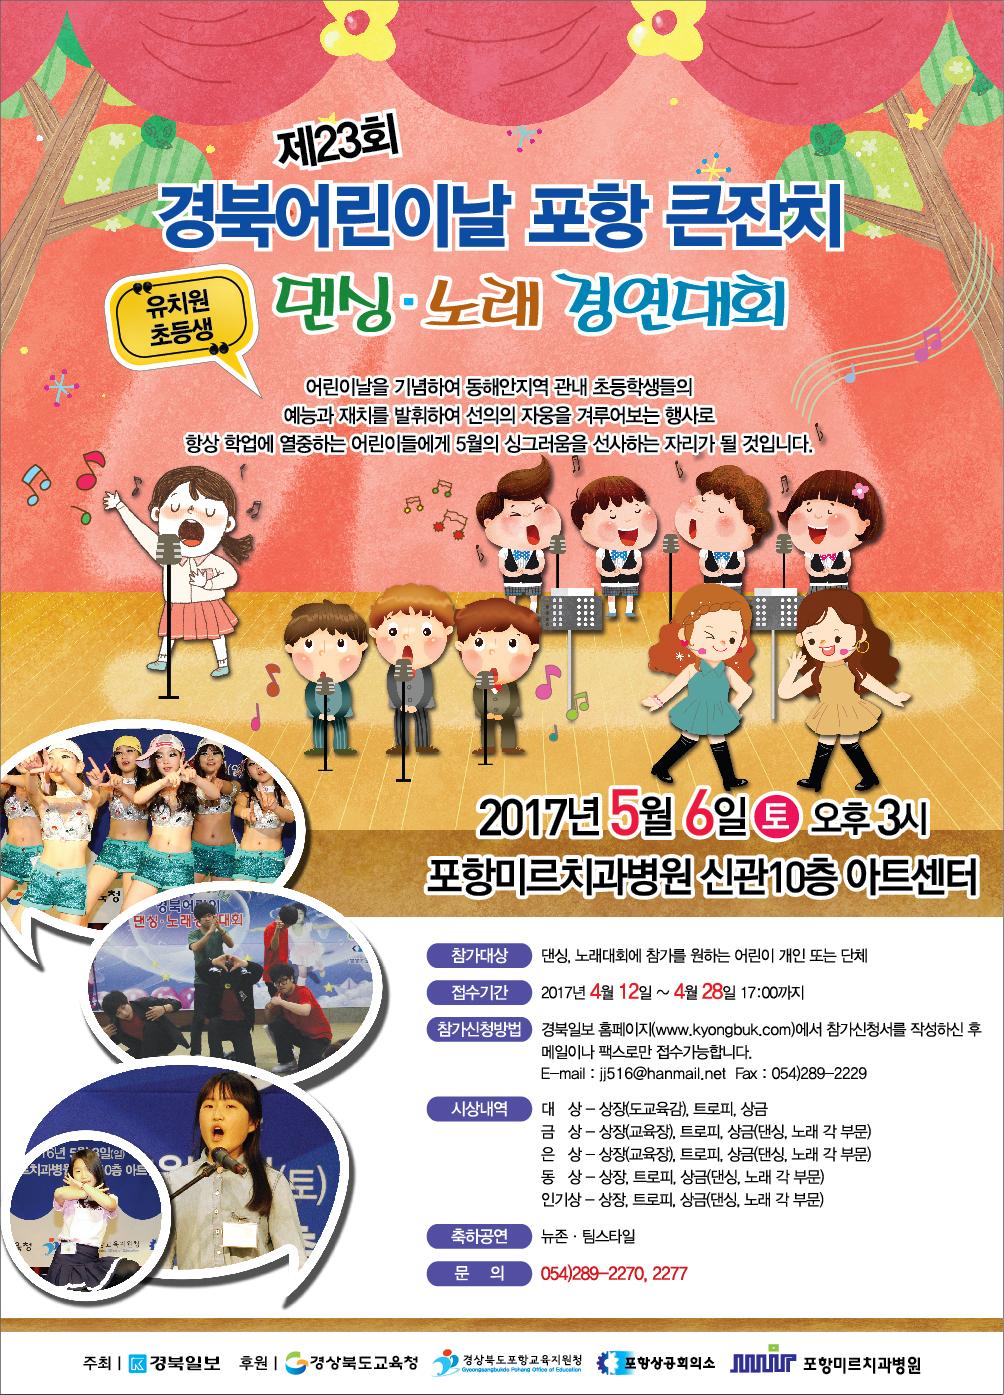 2017_댄싱노래경연대회_pop.jpg